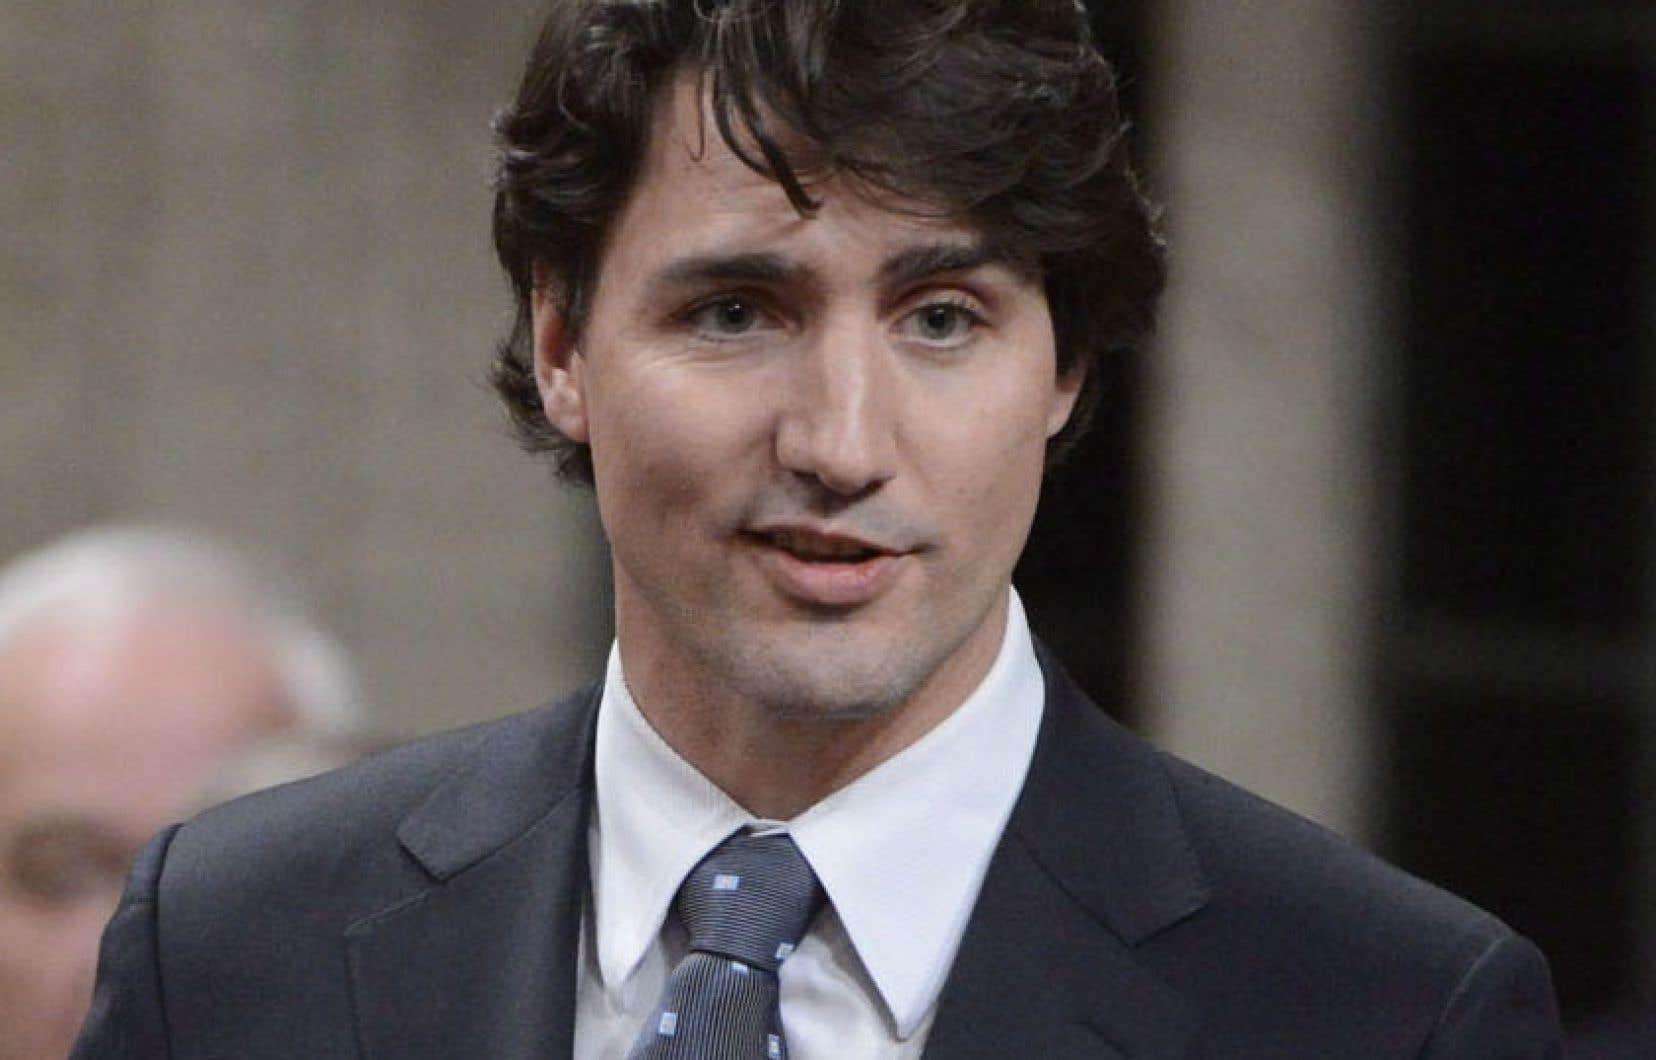 Justin Trudeau suggère de changer la façon dont les députés peuvent faire des déclarations à la Chambre des communes.